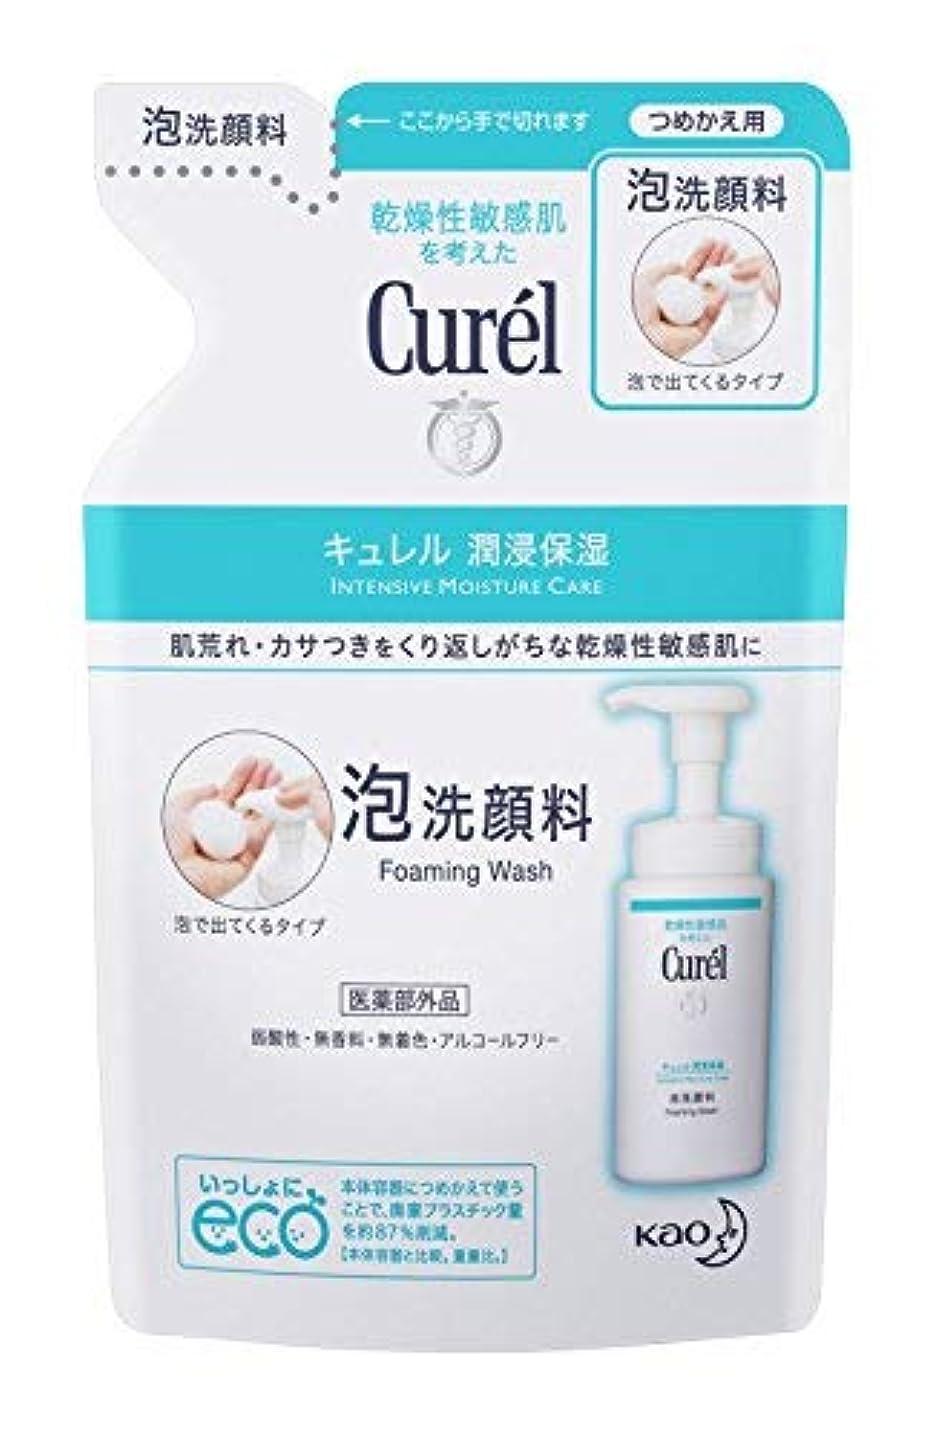 スポンジイサカ肝花王 キュレル 泡洗顔料 つめかえ用 130ml × 4個セット